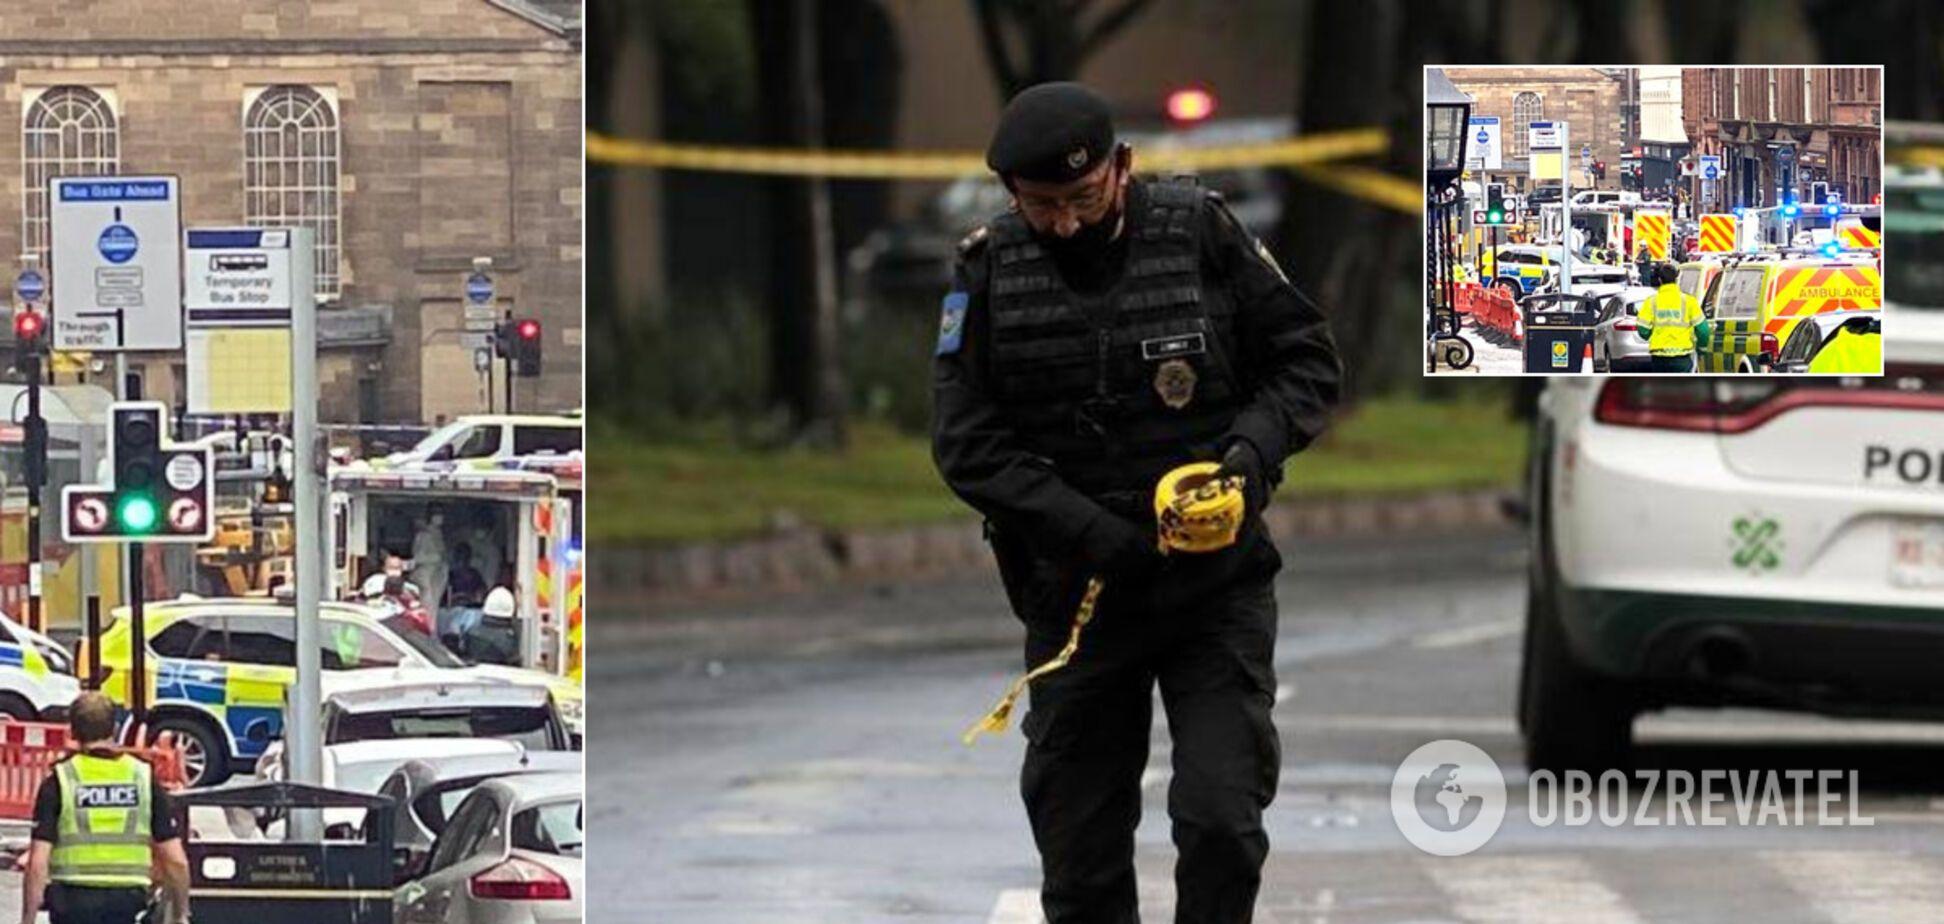 В Шотландии и Мексике произошли кровавые нападения